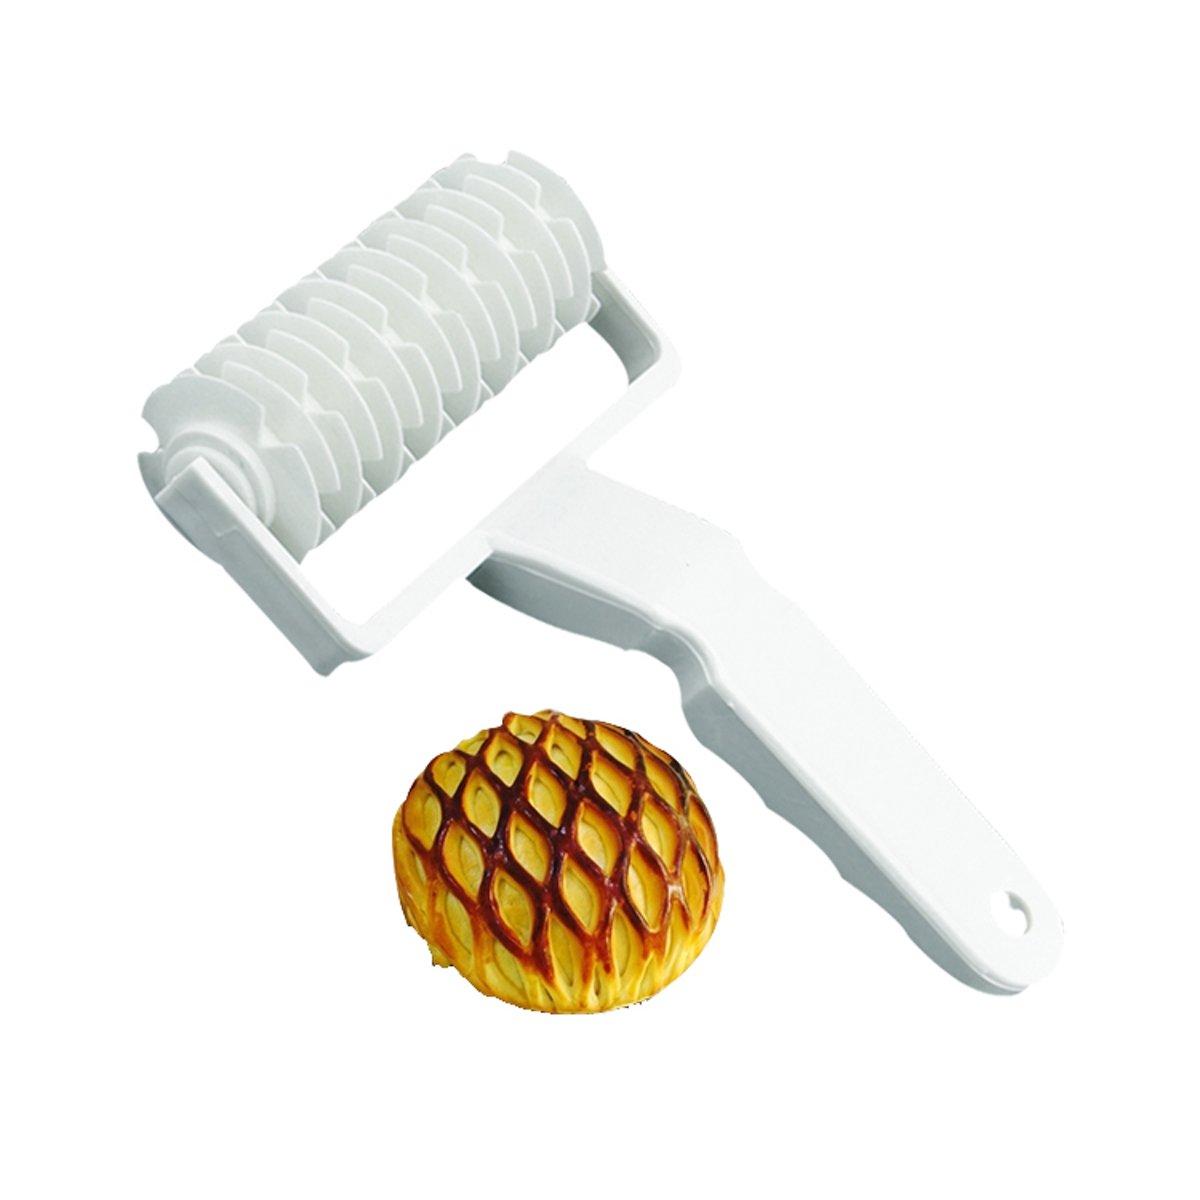 Deegsnijder - Rasterroller - deegroller - Taart/koekjes maker - 12cm breed kopen